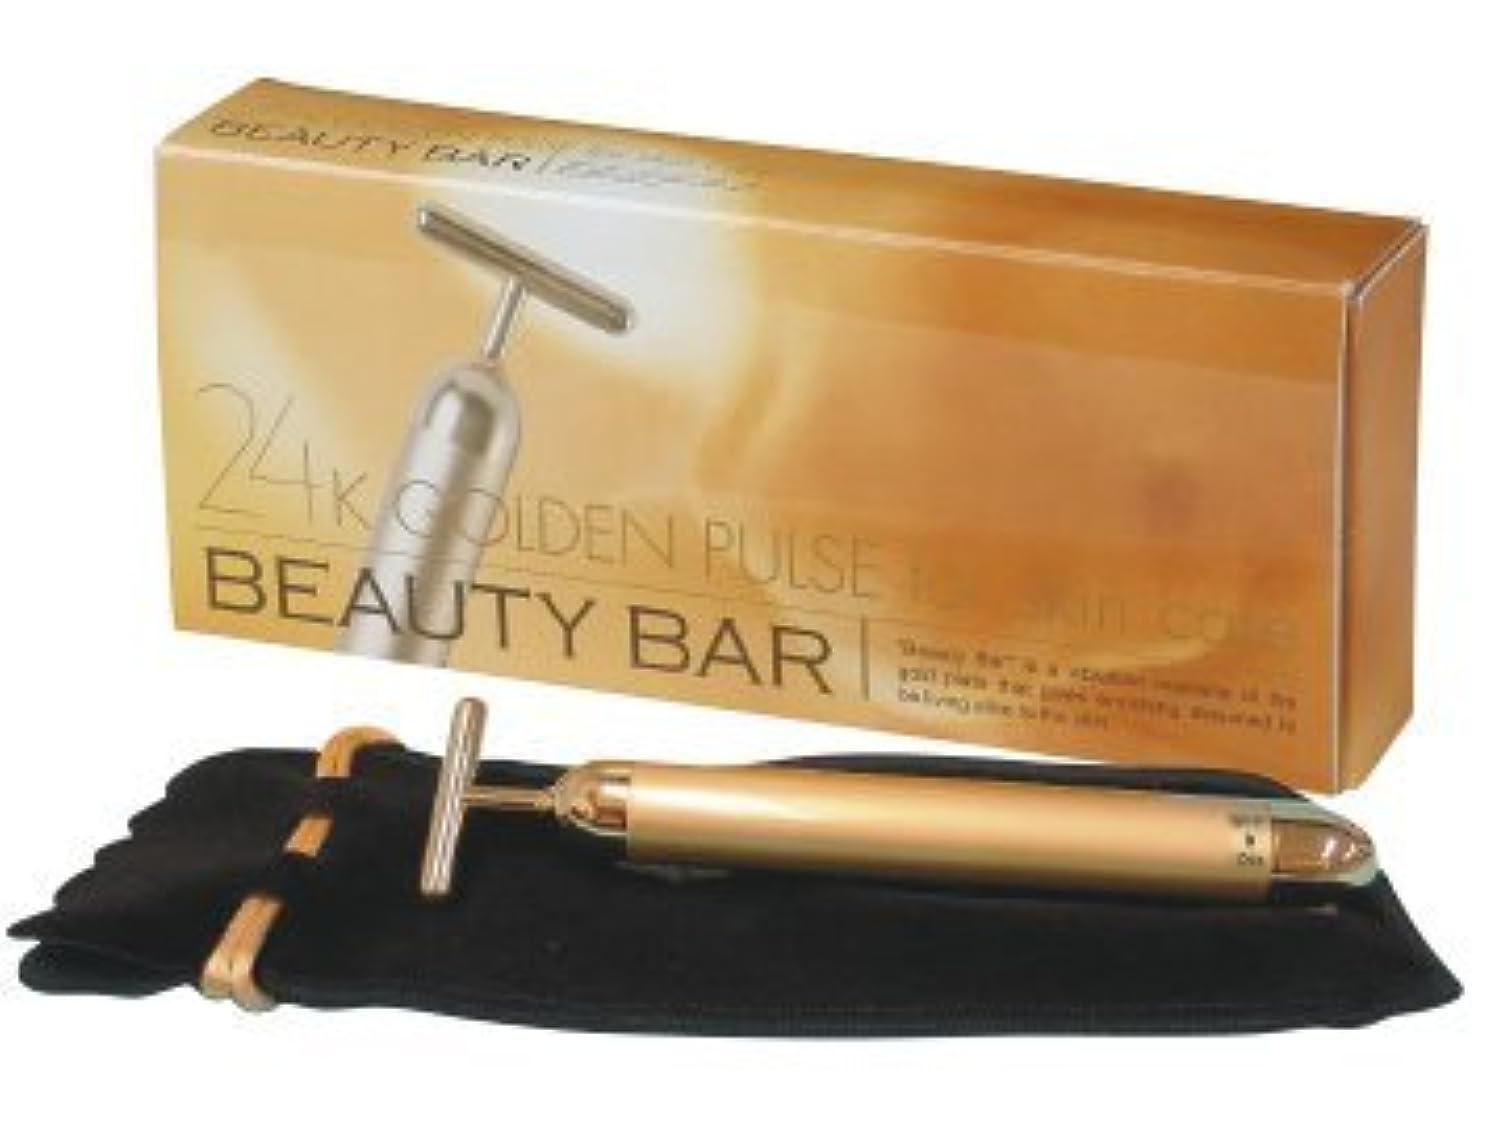 狂信者チャーム咳エムシービケン ビューティーバー Beauty Bar 24K 電動美顔器日本製 シリアルナンバー付 正規品 1個+ エムシー ビューティーマッサージゲル1個